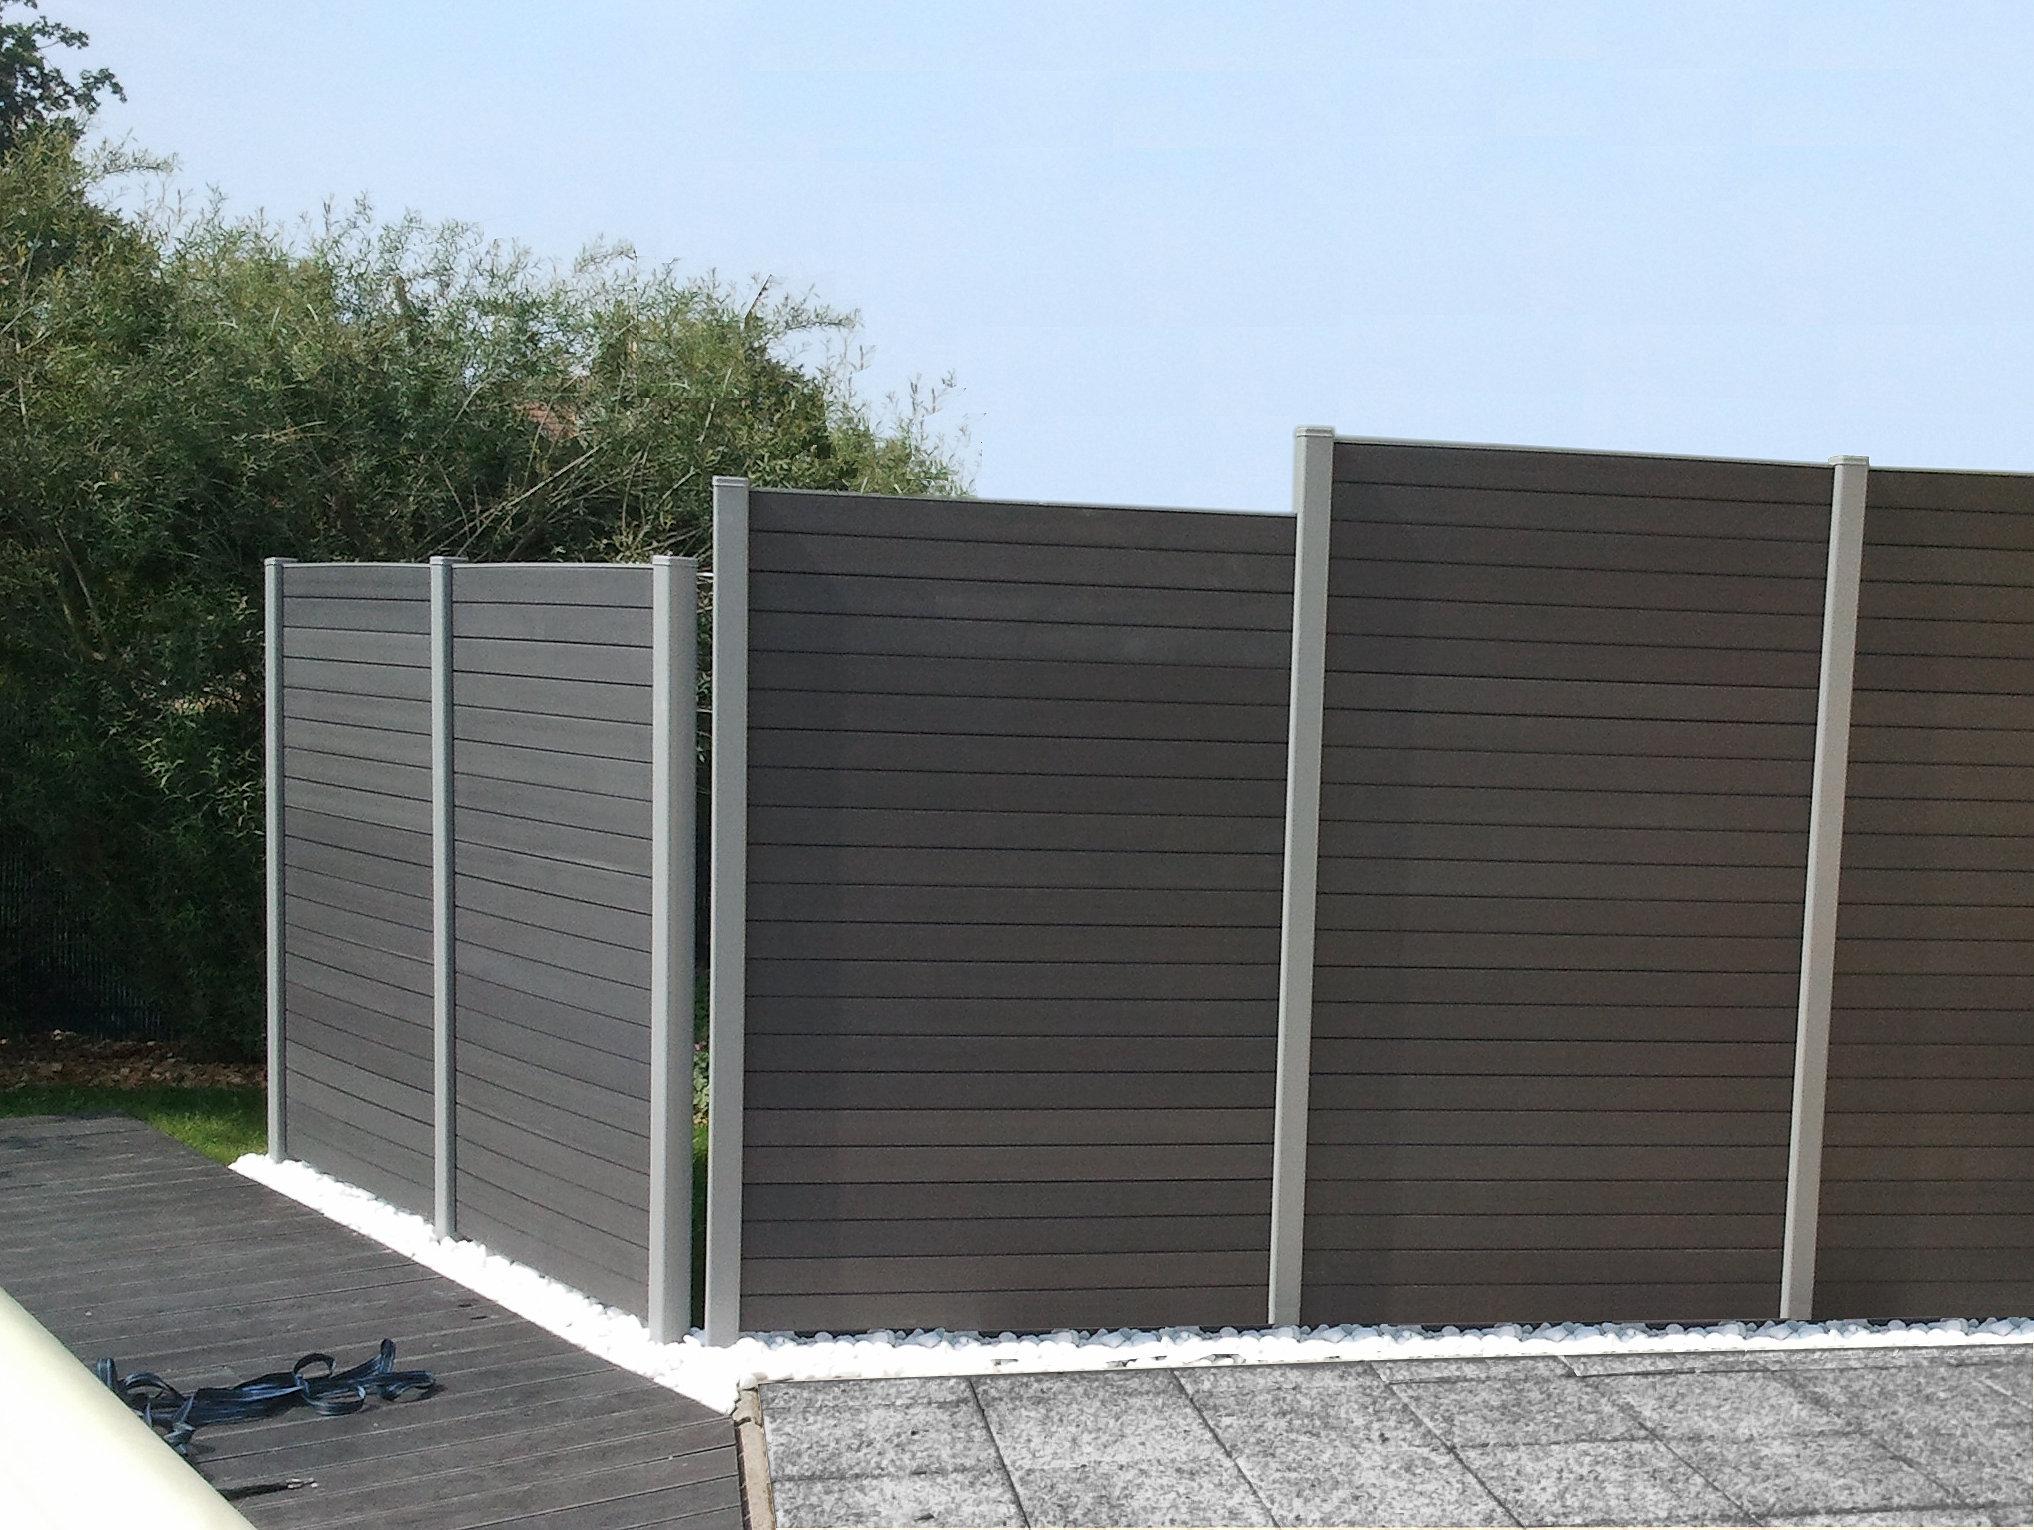 Tarima exterior suelos fachadas barandas con postes - Barandas de aluminio ...